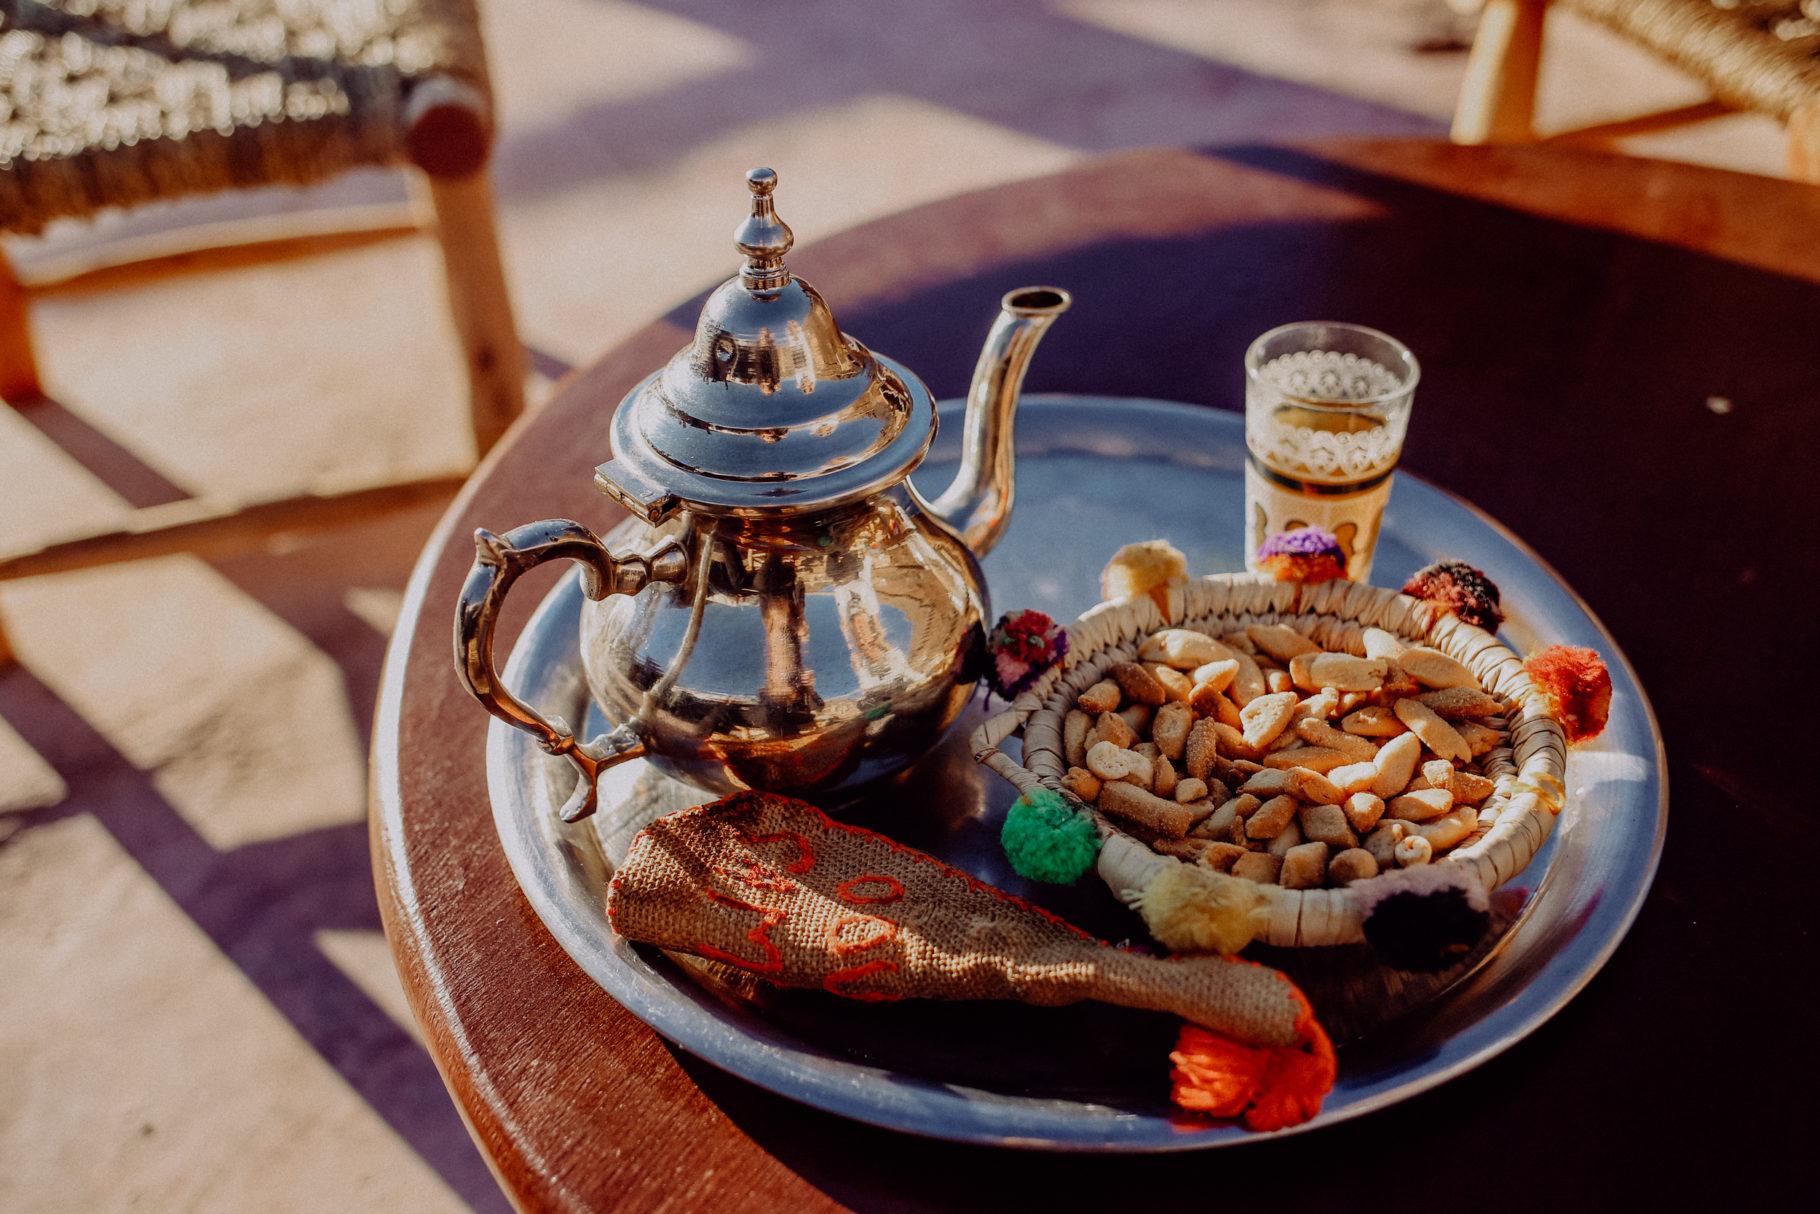 Reise-Guide Marokko: Alles, was Du wissen musst!